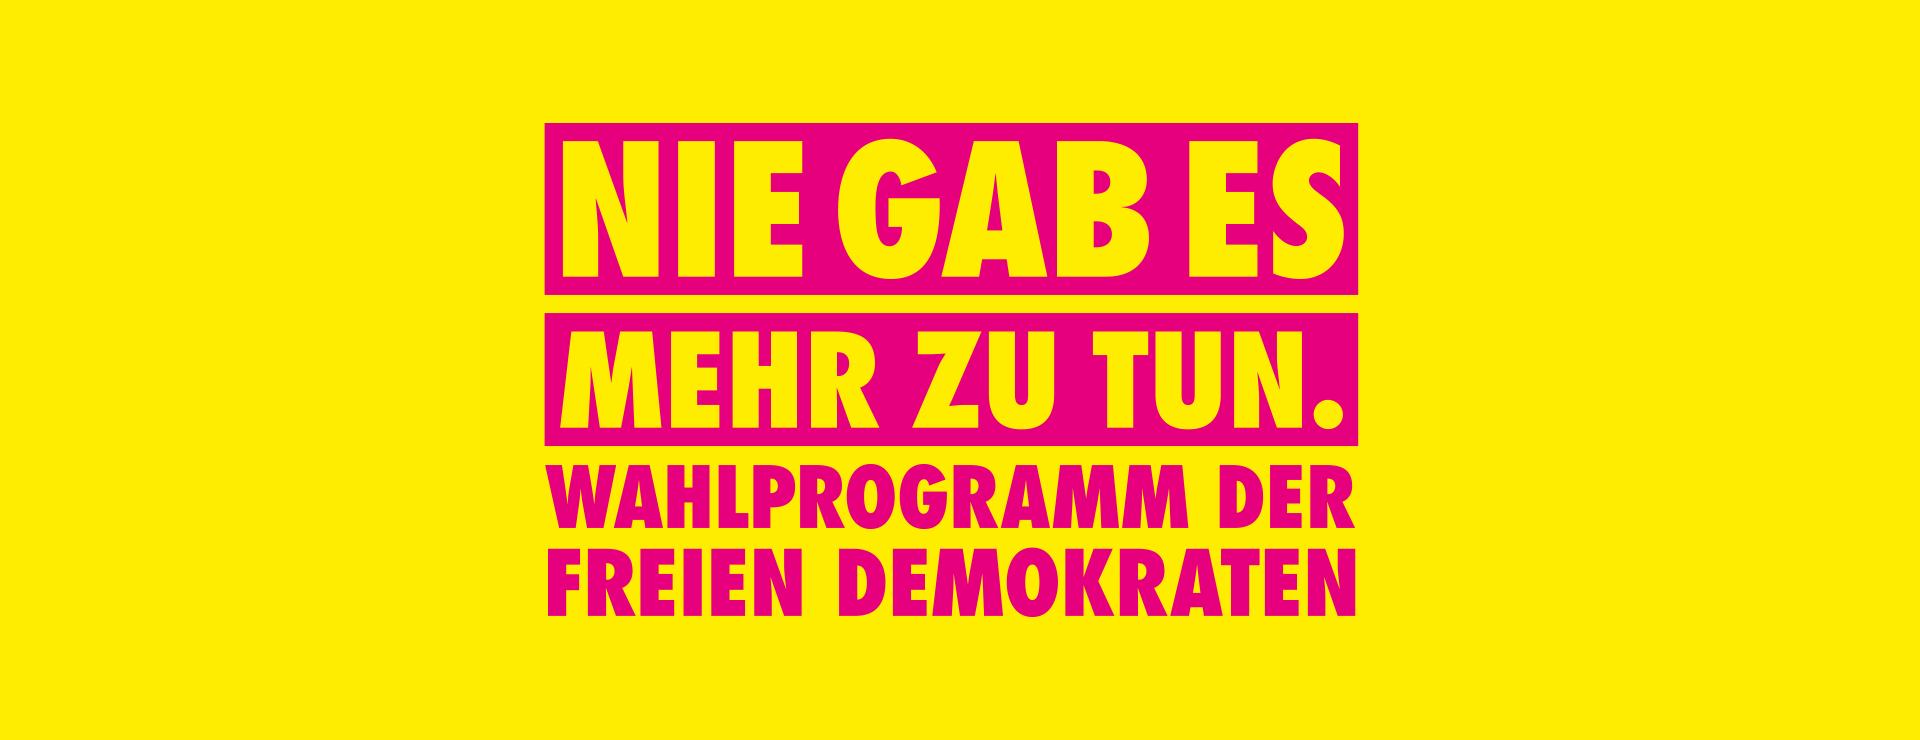 FDP Wahlprogramm zur Bundestagswahl 2021